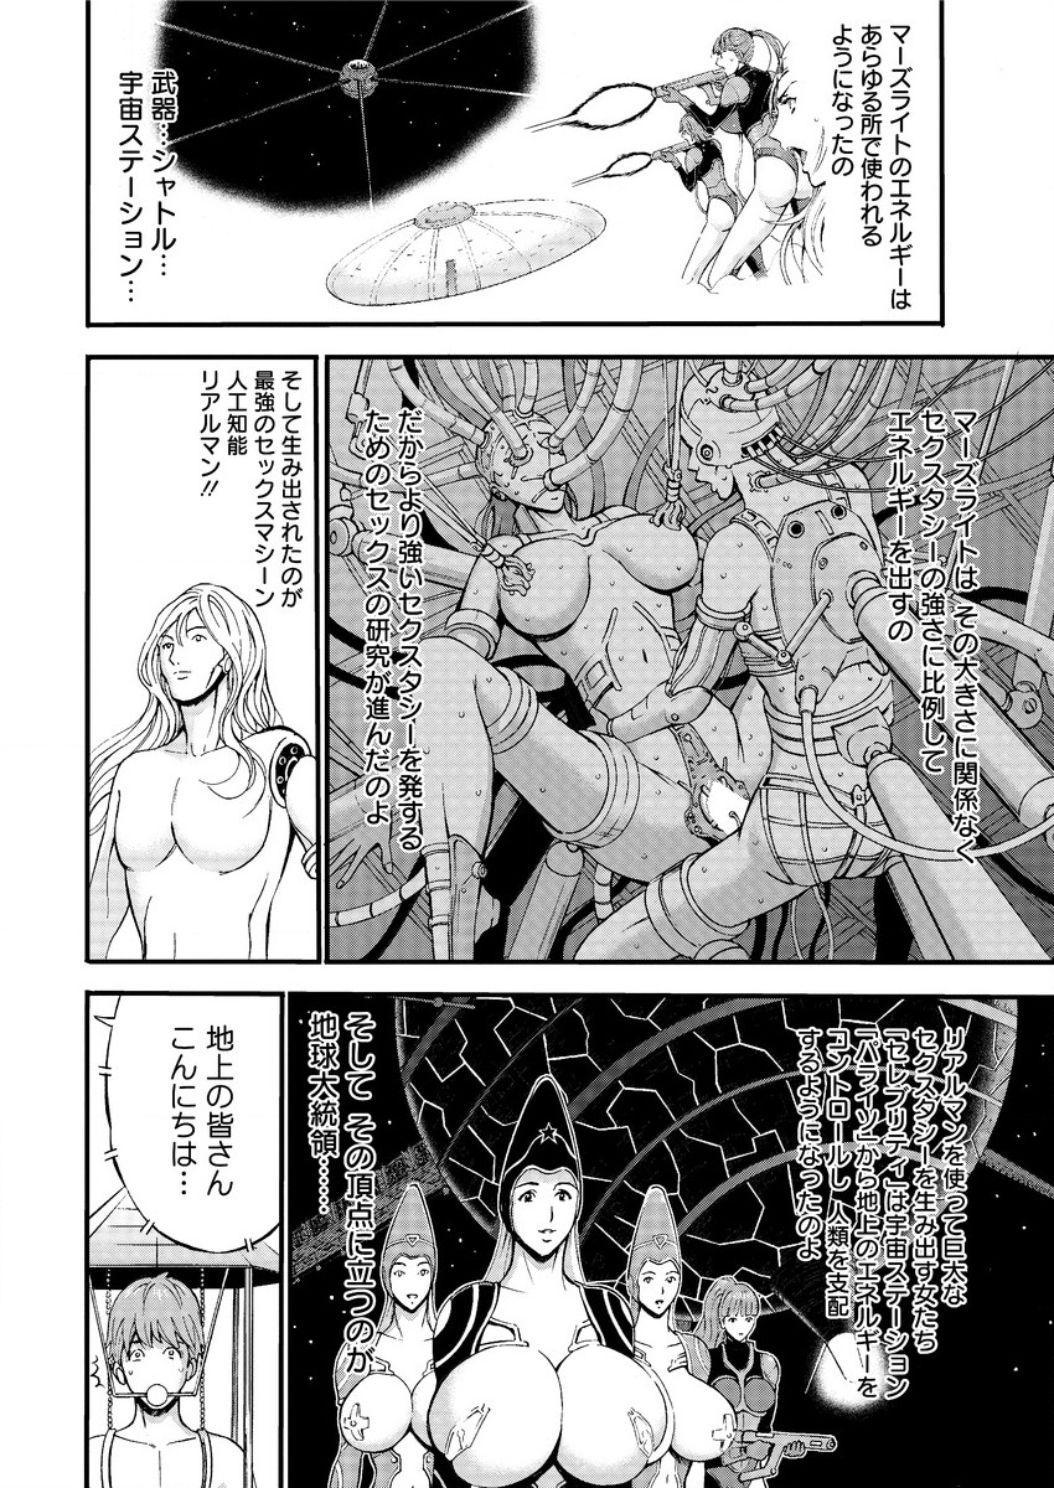 Seireki 2200 Nen no Ota Ch. 1-18 35